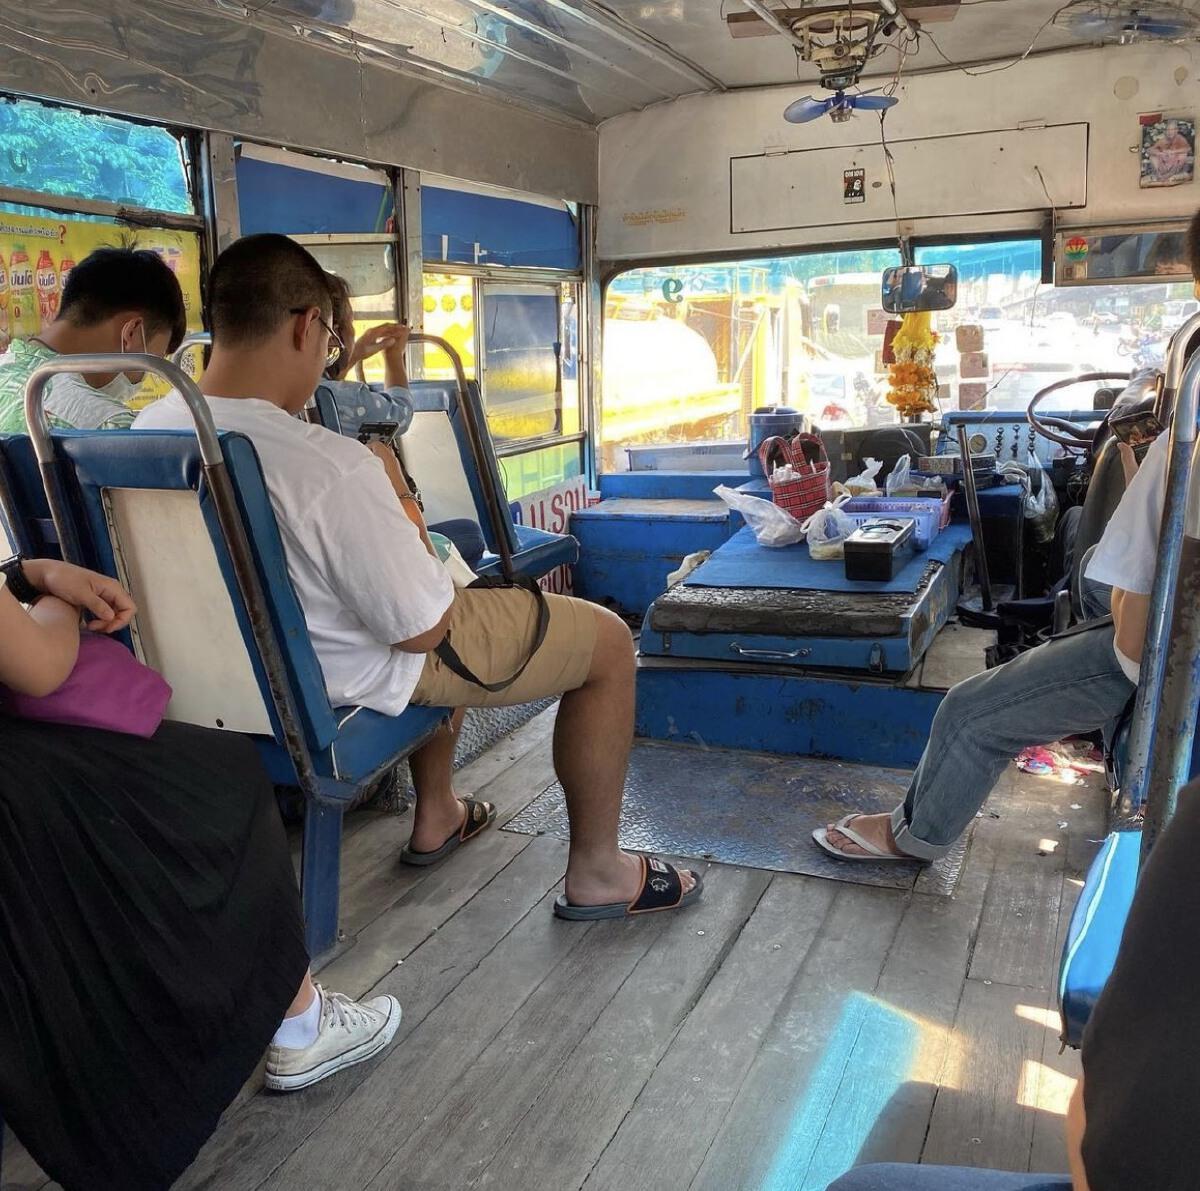 คนขึ้นรถเมล์น้อยลง